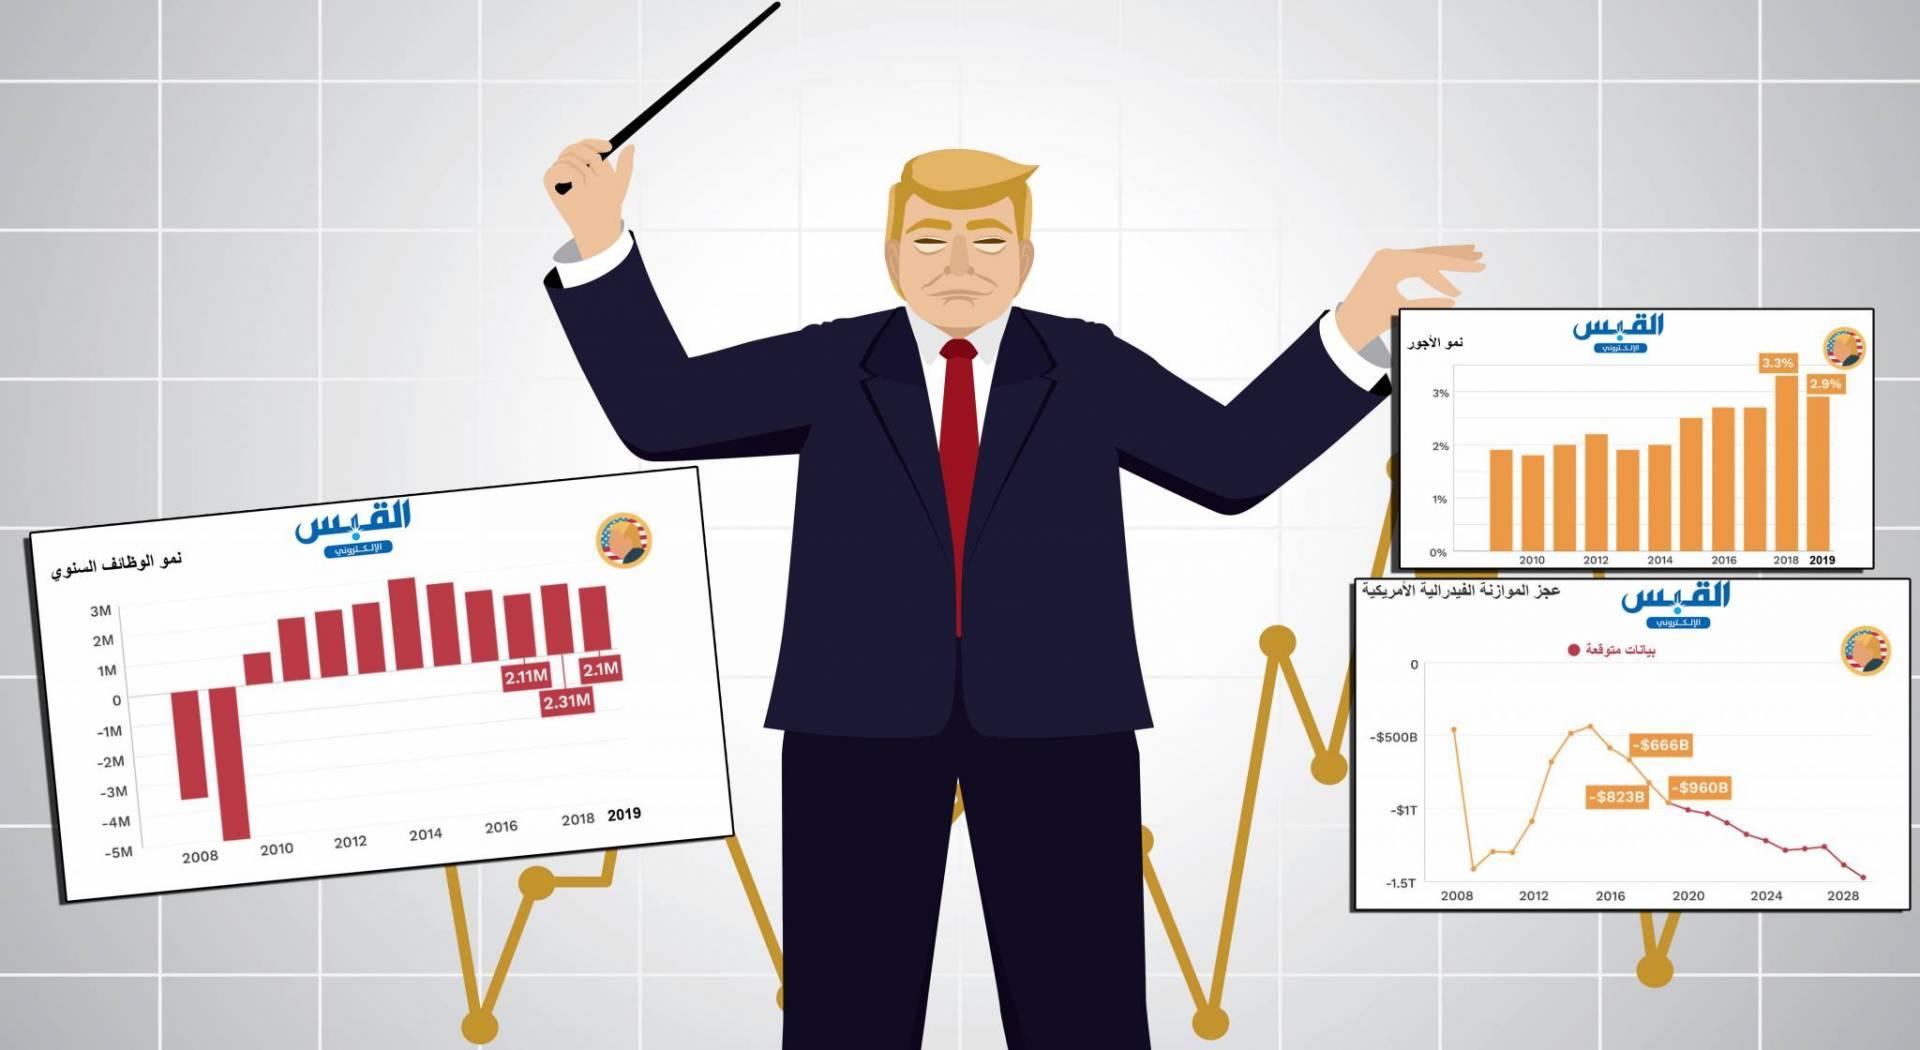 بالمنحنيات البيانية والإحصائيات.. نتائج رئاسة ترامب على الاقتصاد الأميركي